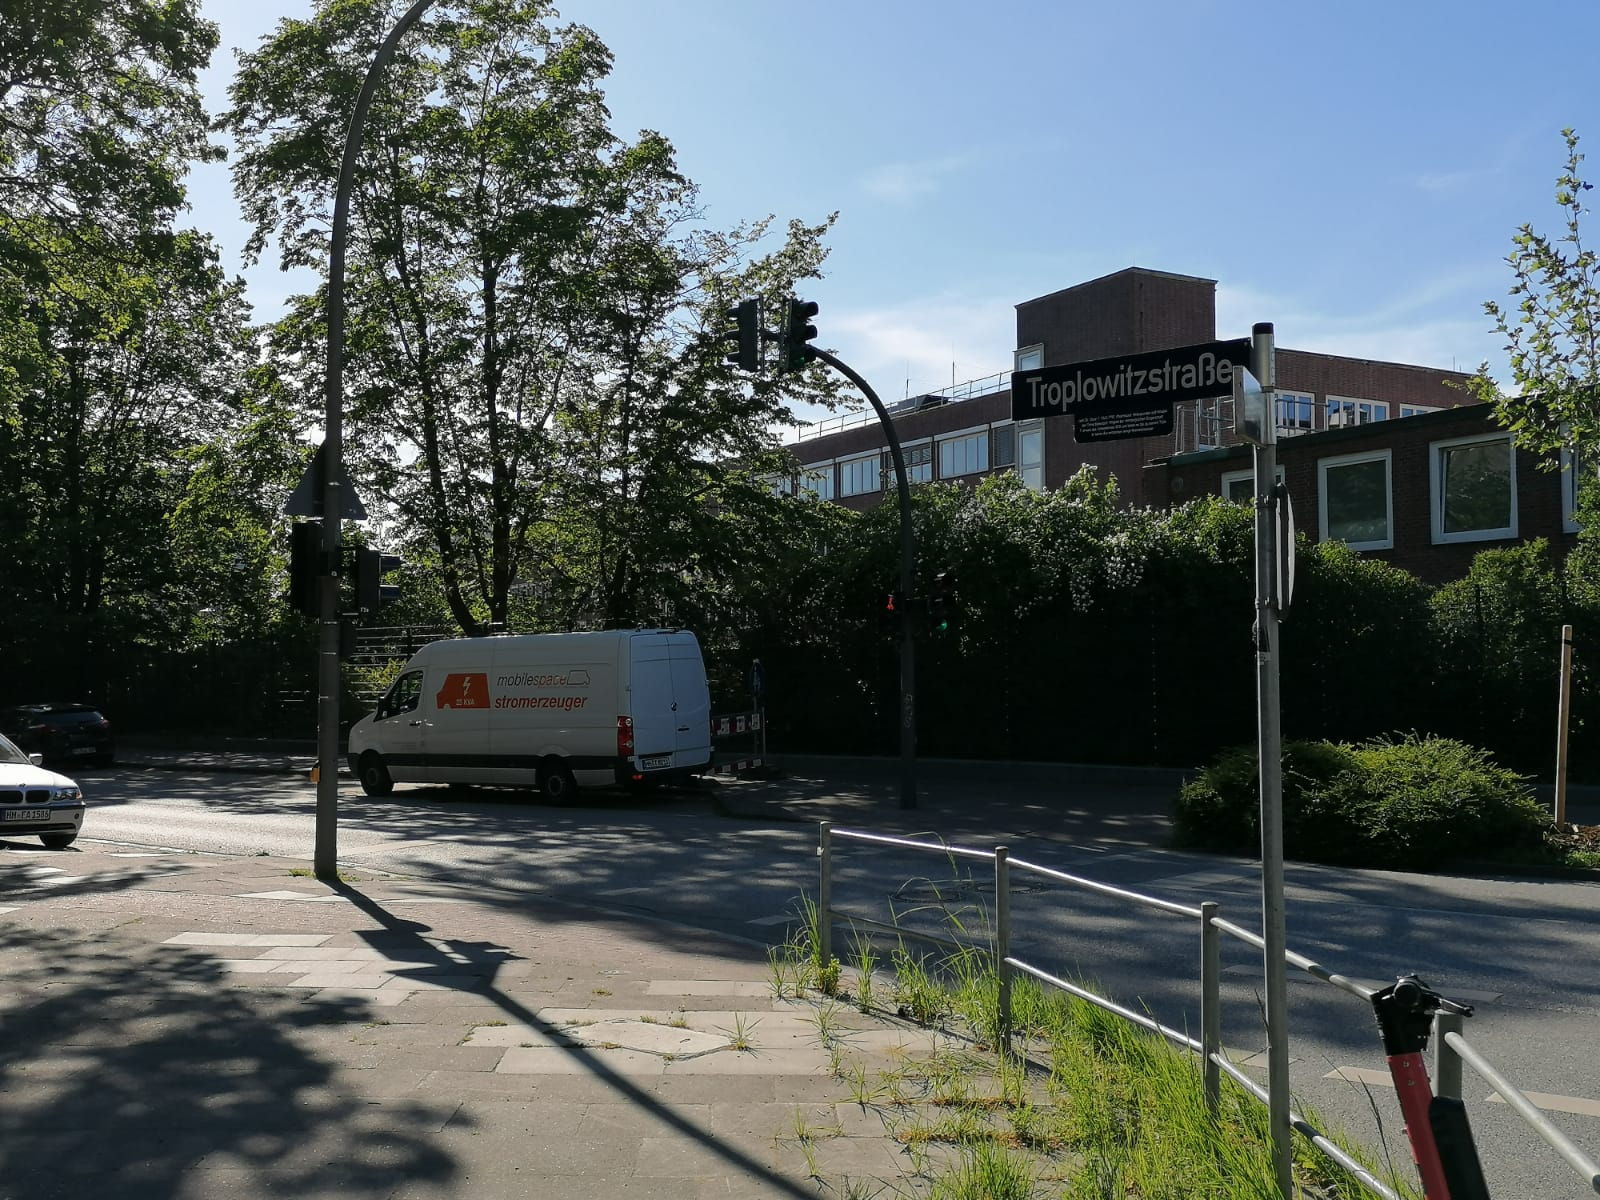 Troplowitzstraße